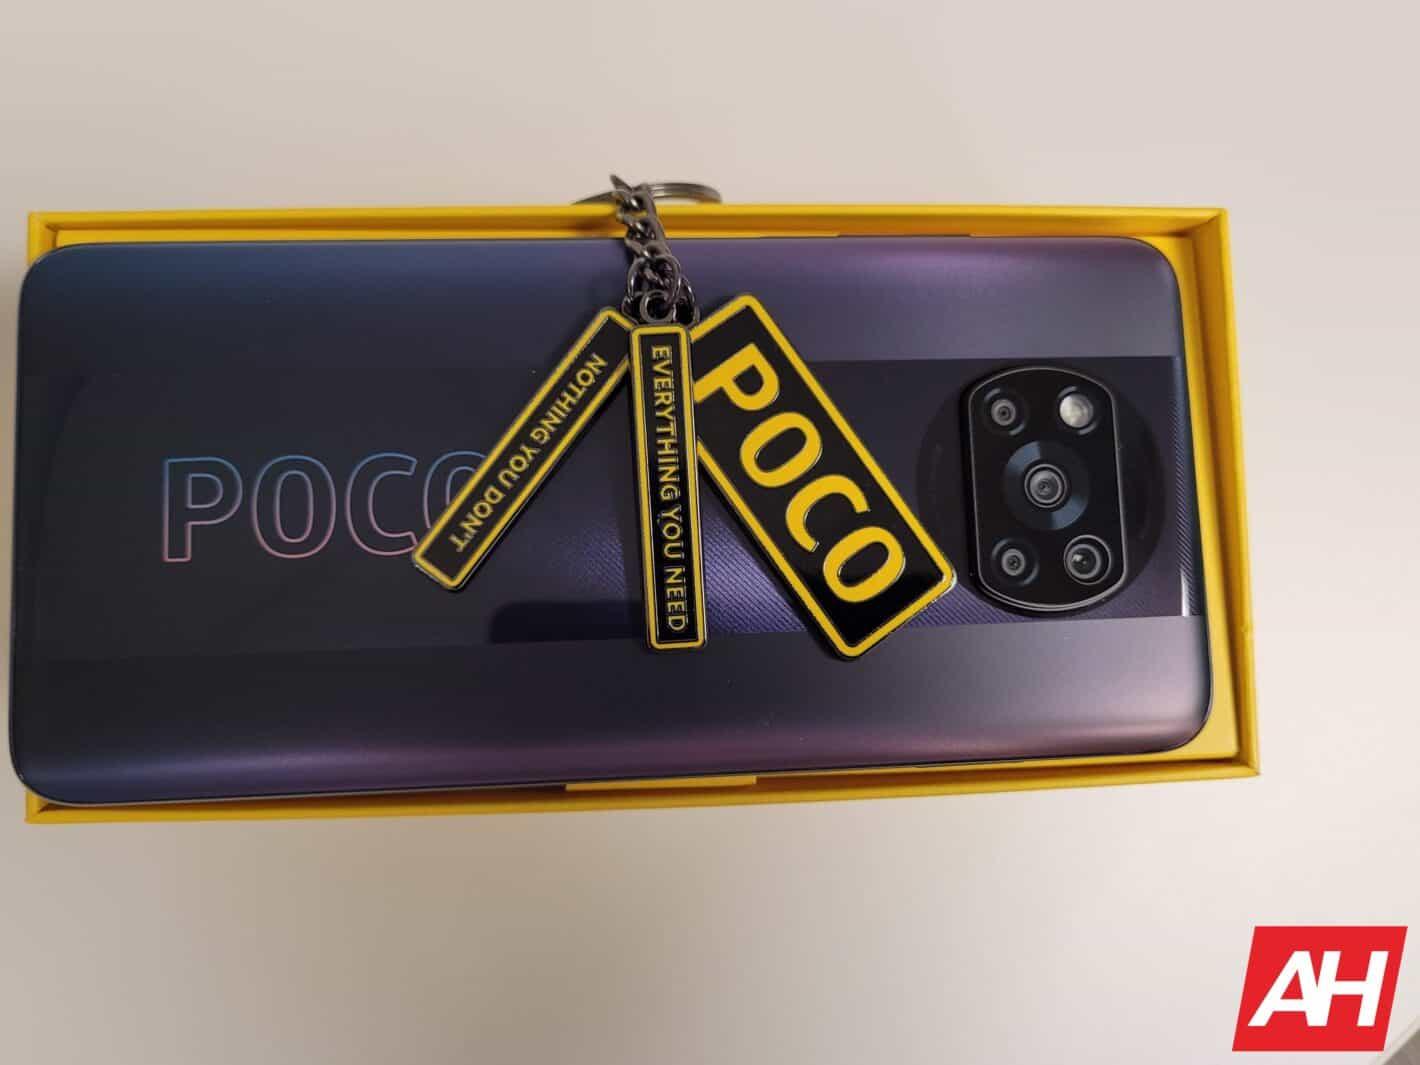 Poco X3 Pro AH HR Verdict